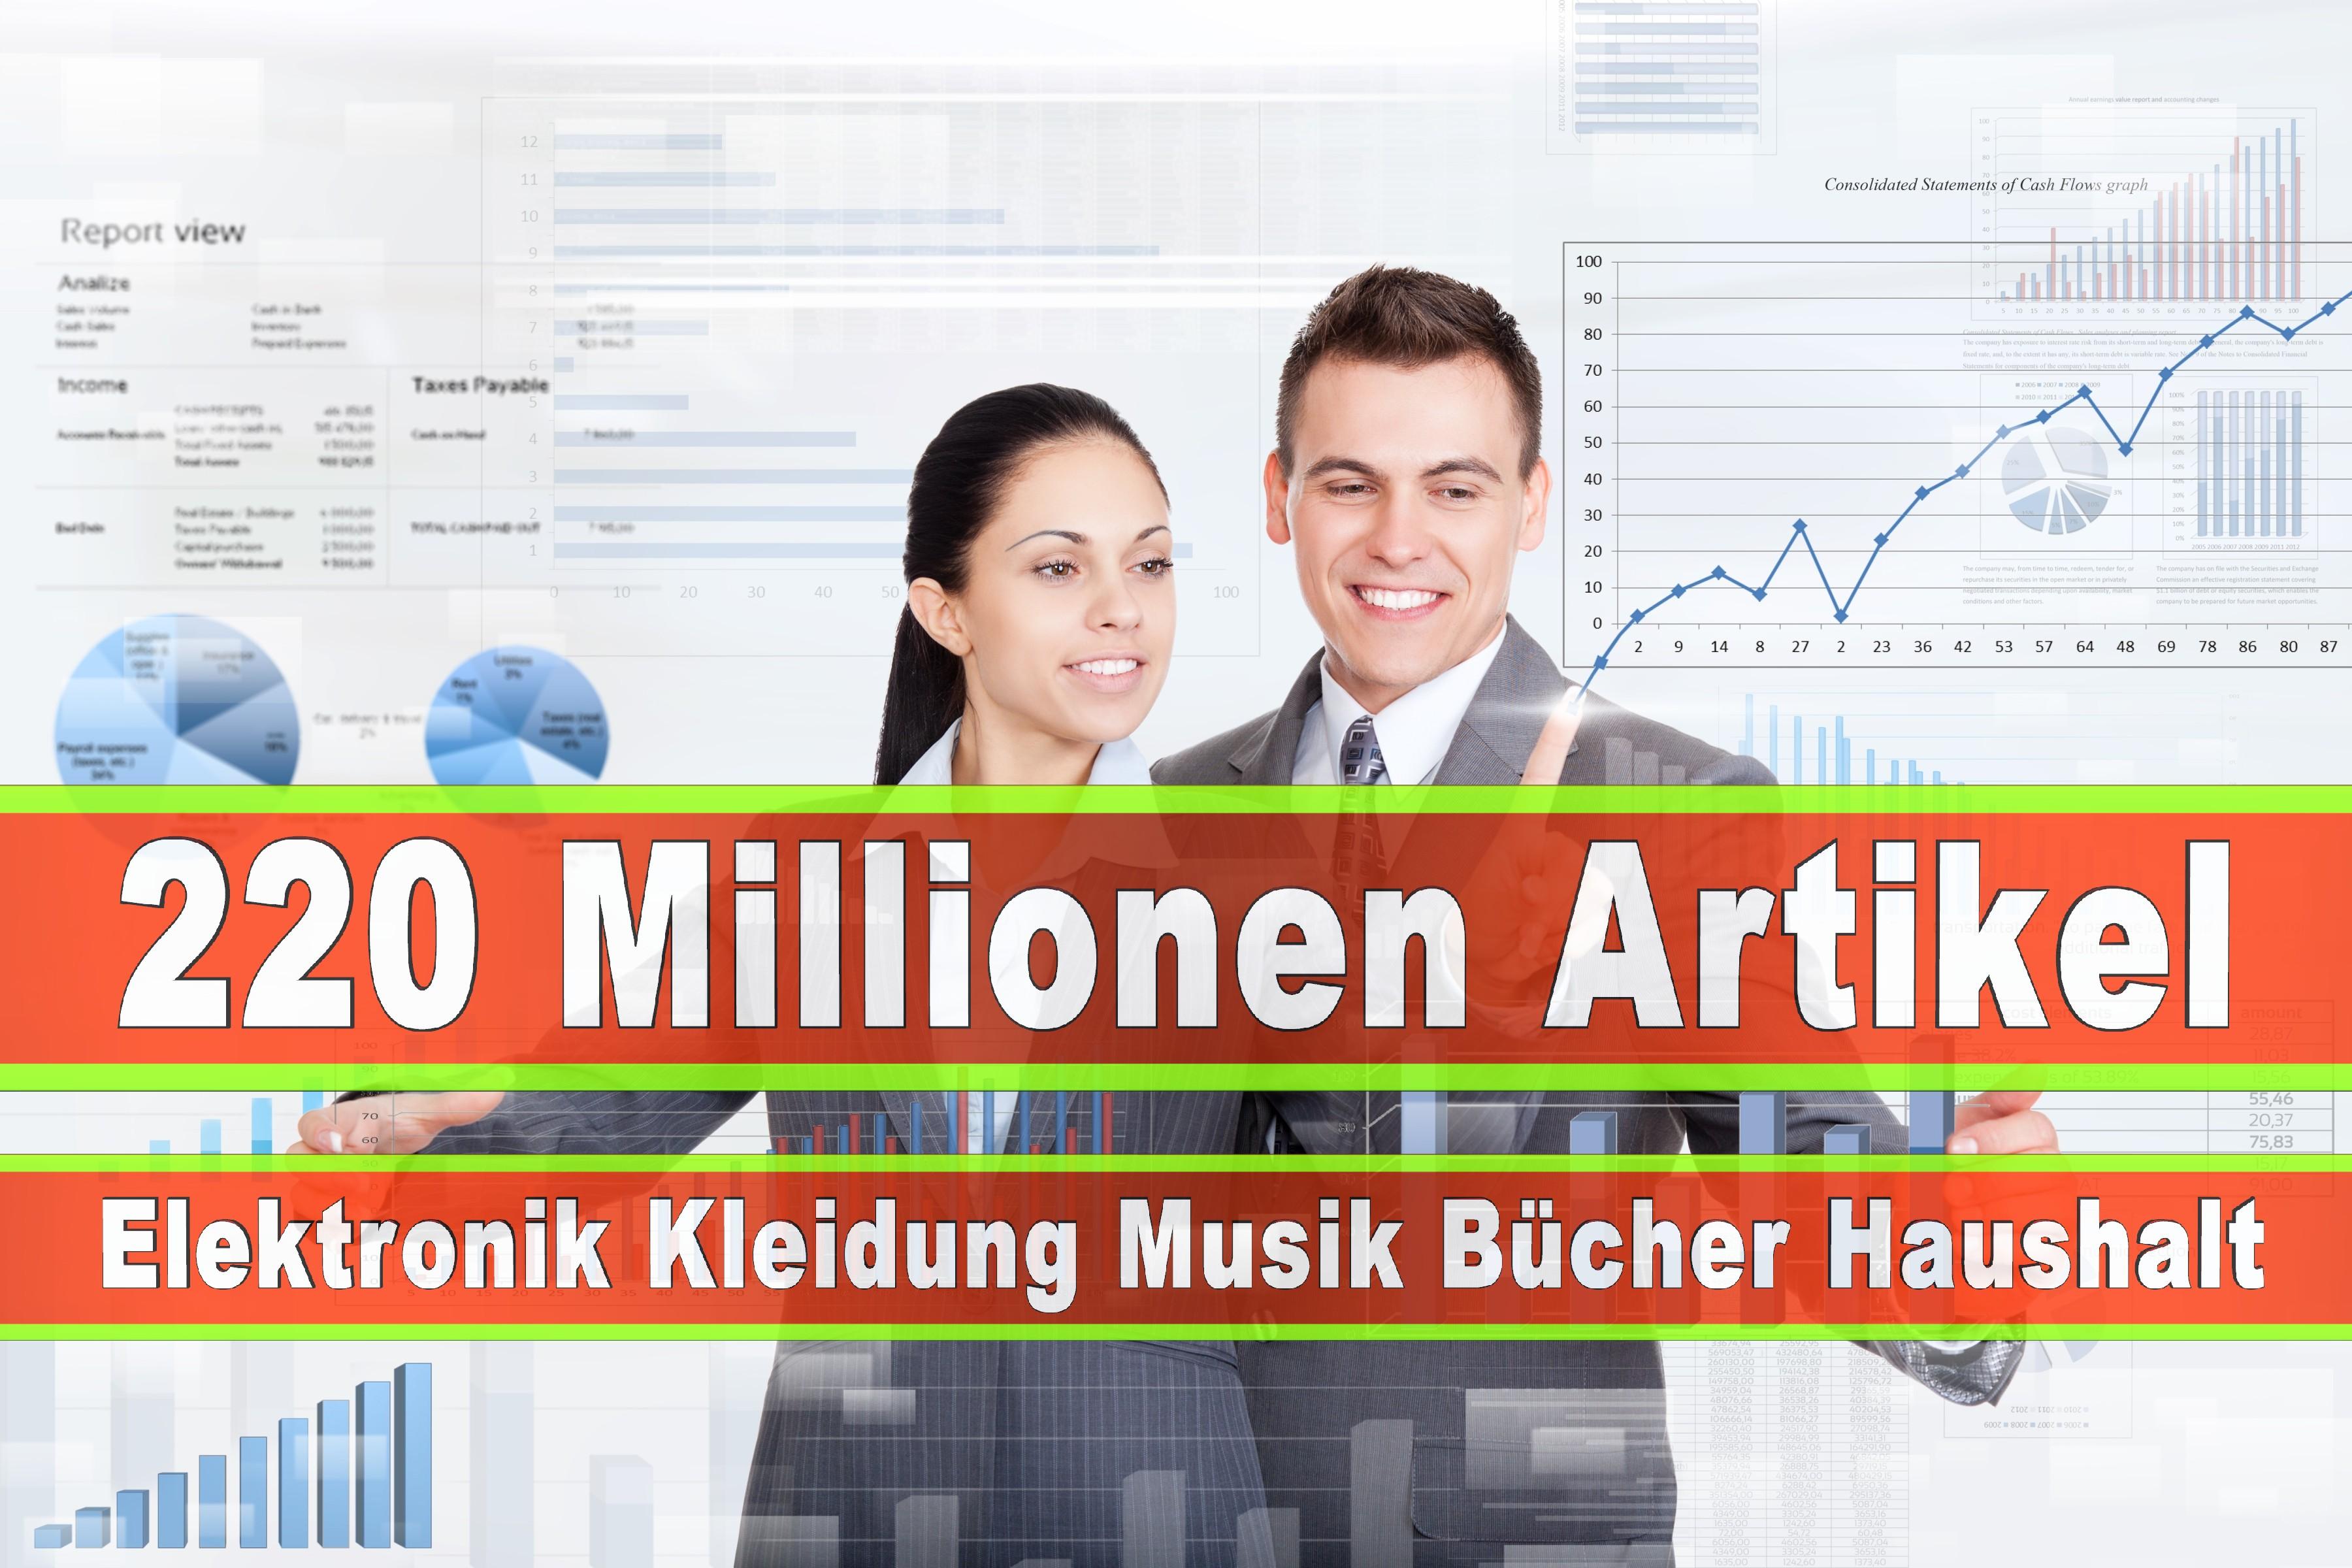 Amazon Elektronik Musik Haushalt Bücher CD DVD Handys Smartphones TV Television Fernseher Kleidung Mode Ebay Versandhaus (53)